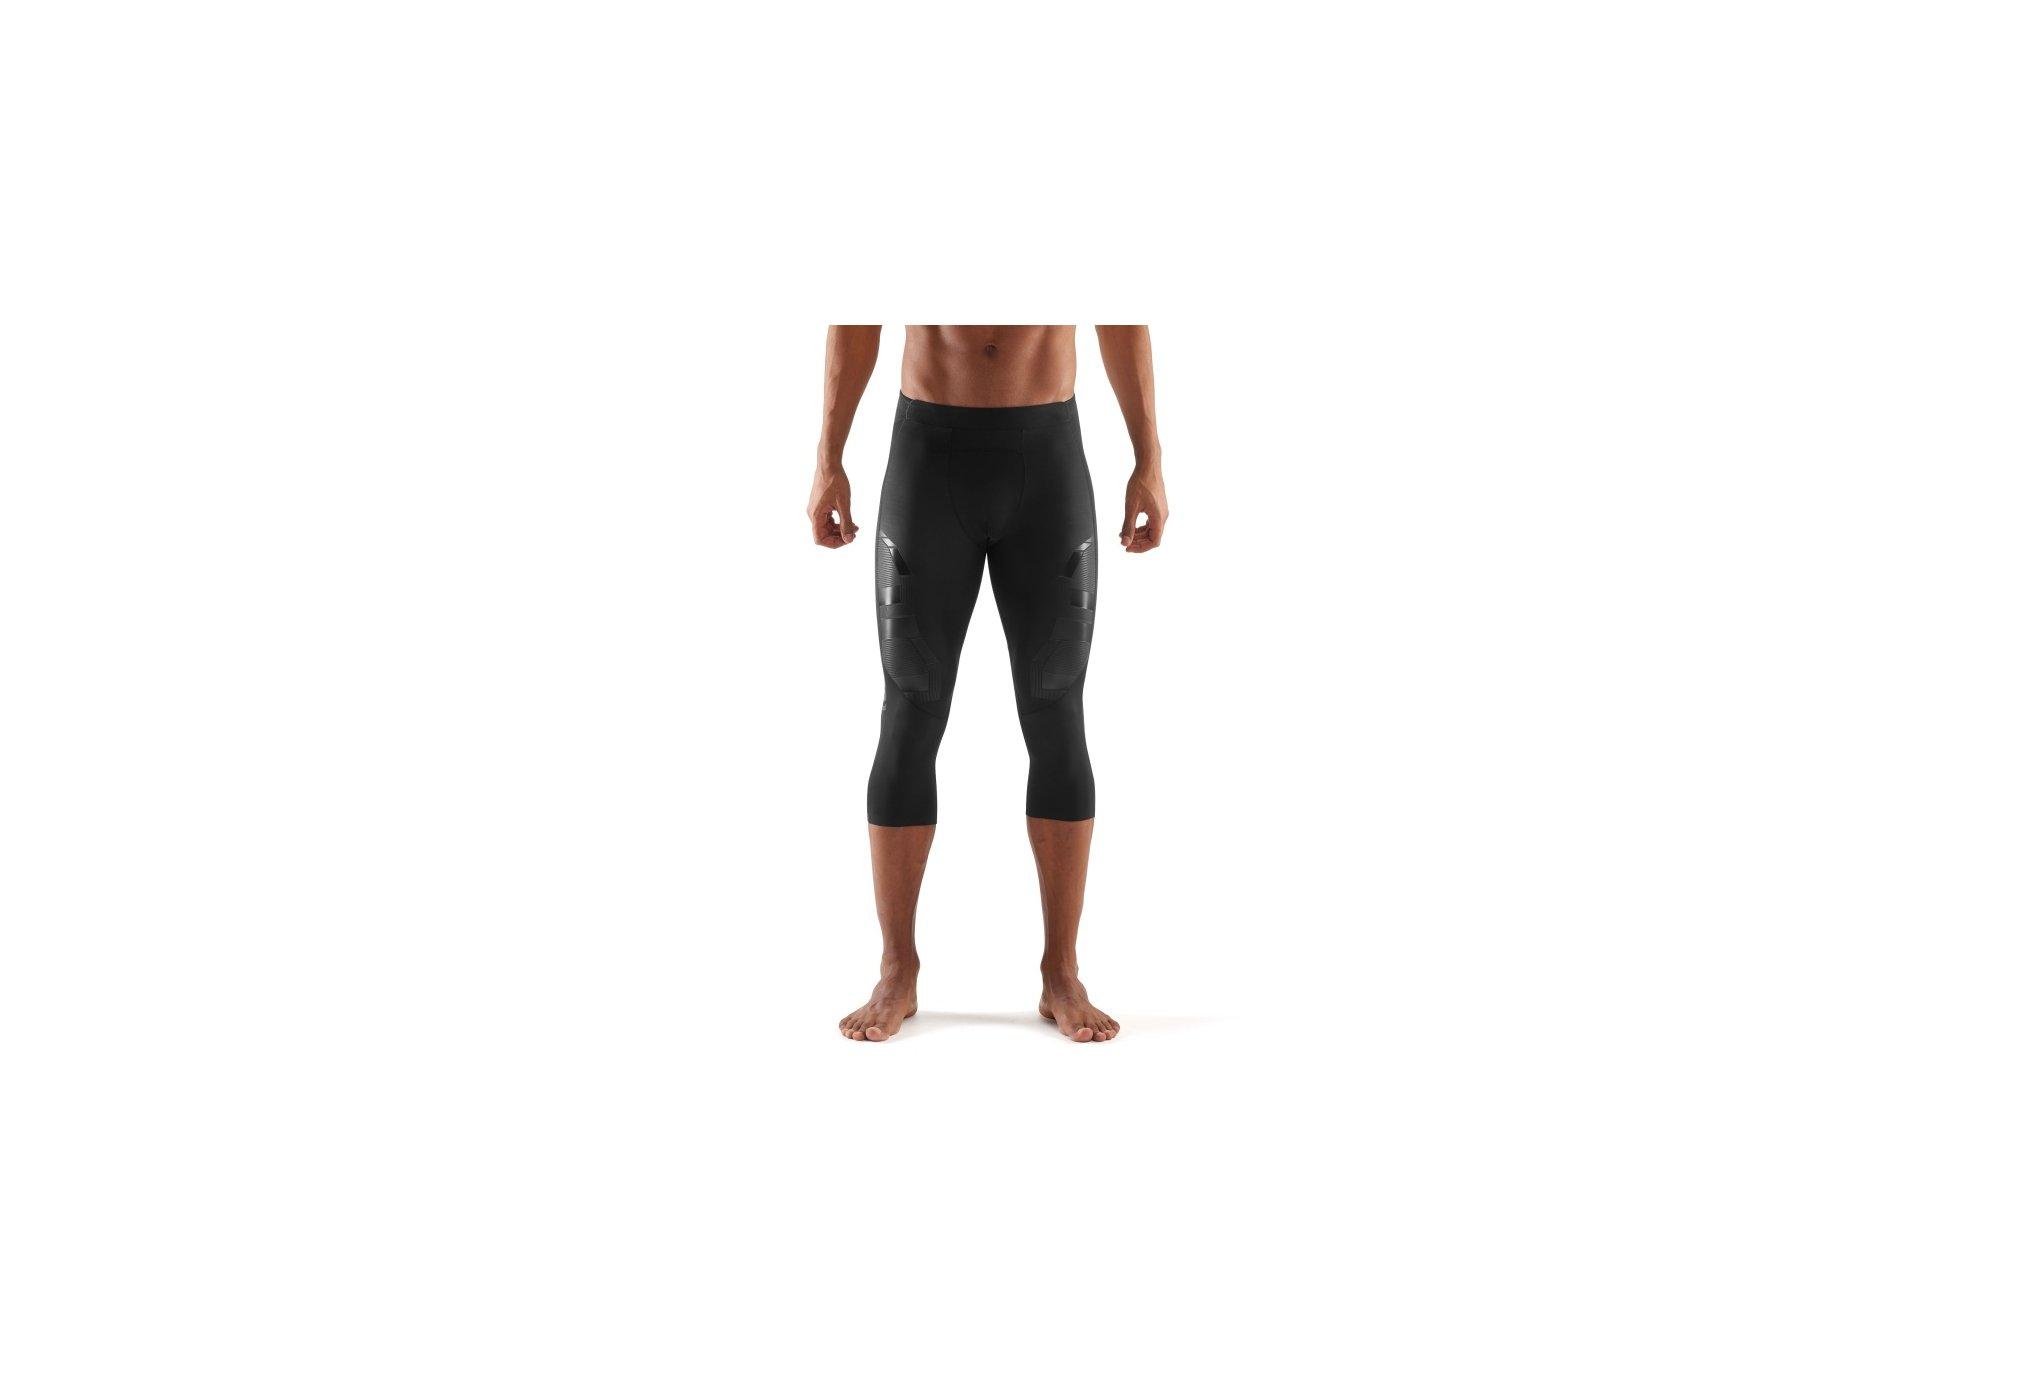 Skins 3/4 Active 400 M Diététique Vêtements homme